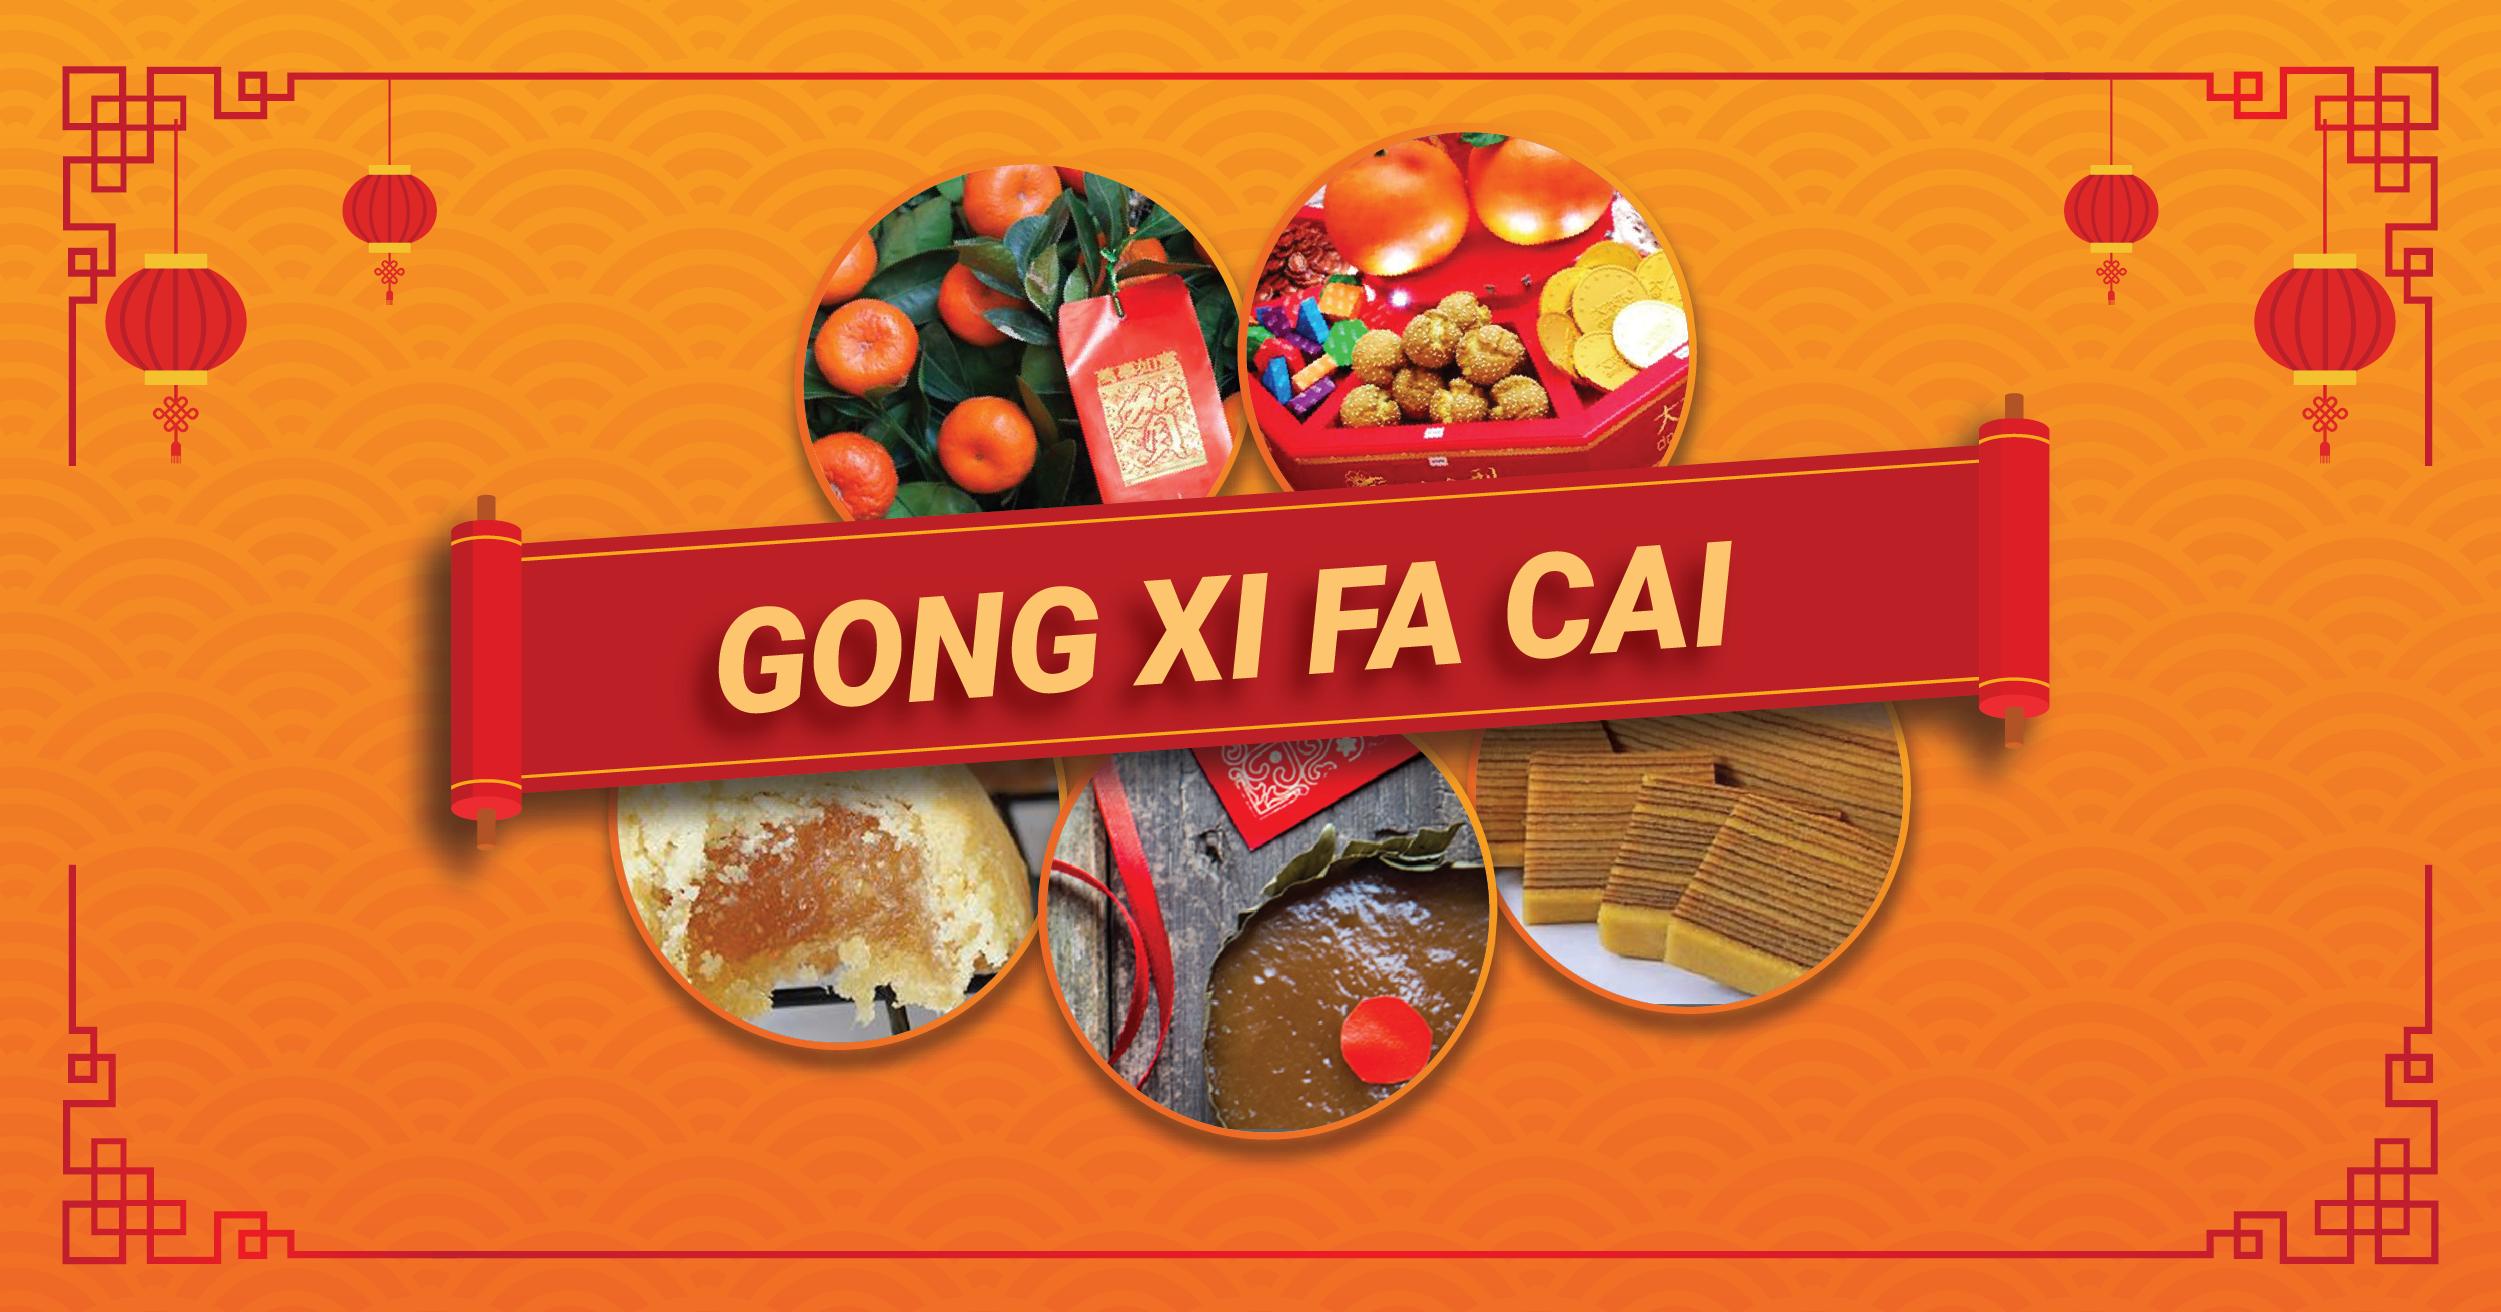 GONG XI FA CAI ! Selamat Tahun Baru Imlek, Rayakan Kemeriahan Imlek dengan Cemilan Menarik di tengah Kehangatan Orang Tersayang